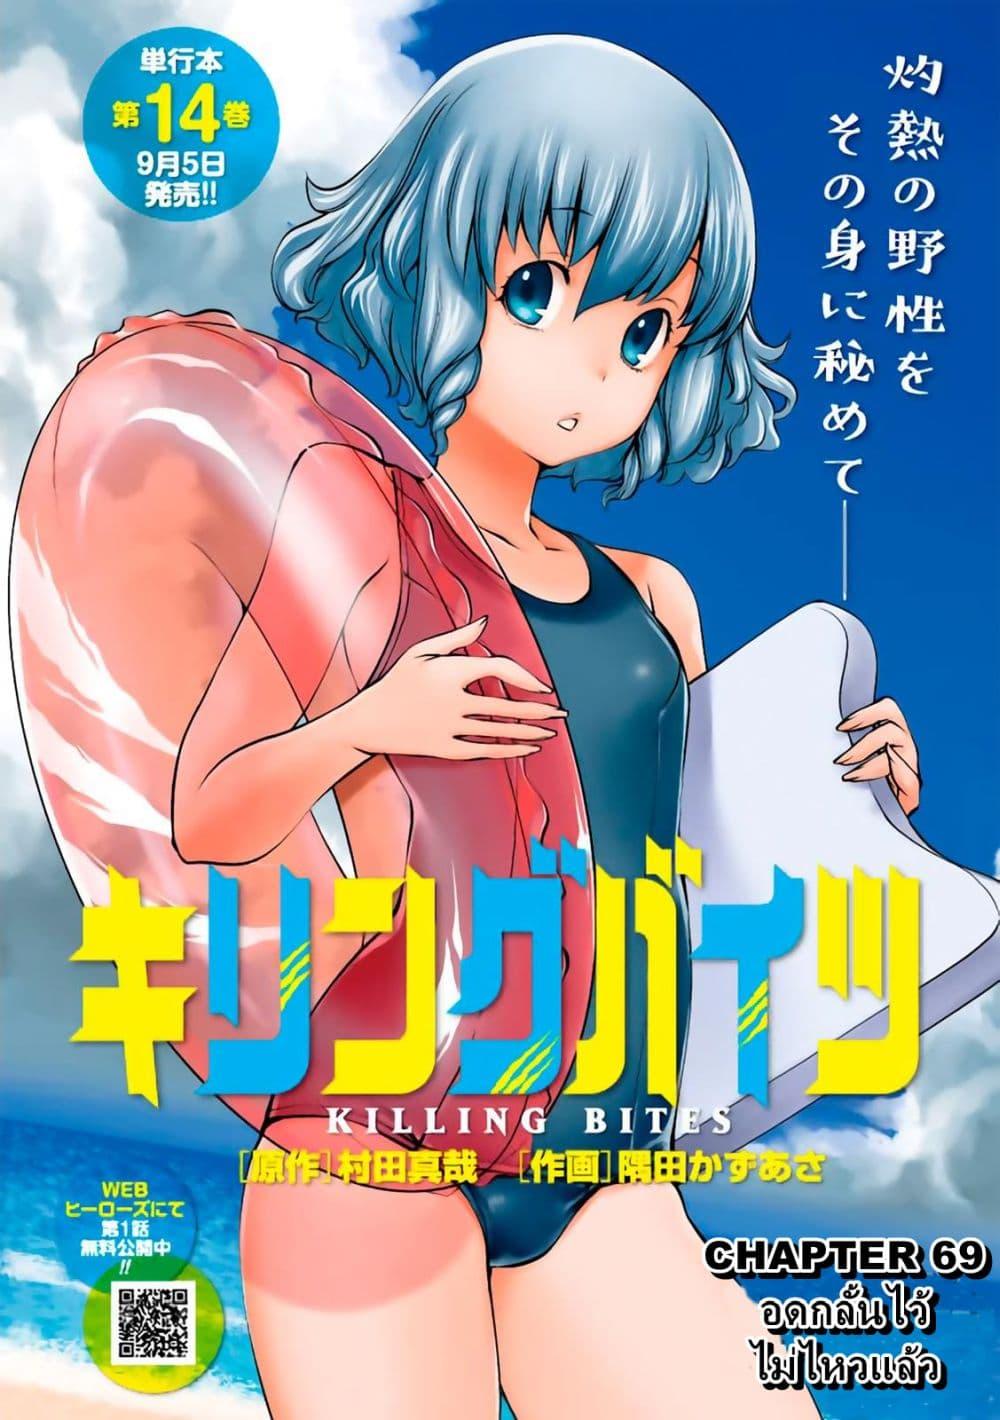 อ่านการ์ตูน Killing Bites ตอนที่ 69 หน้าที่ 1